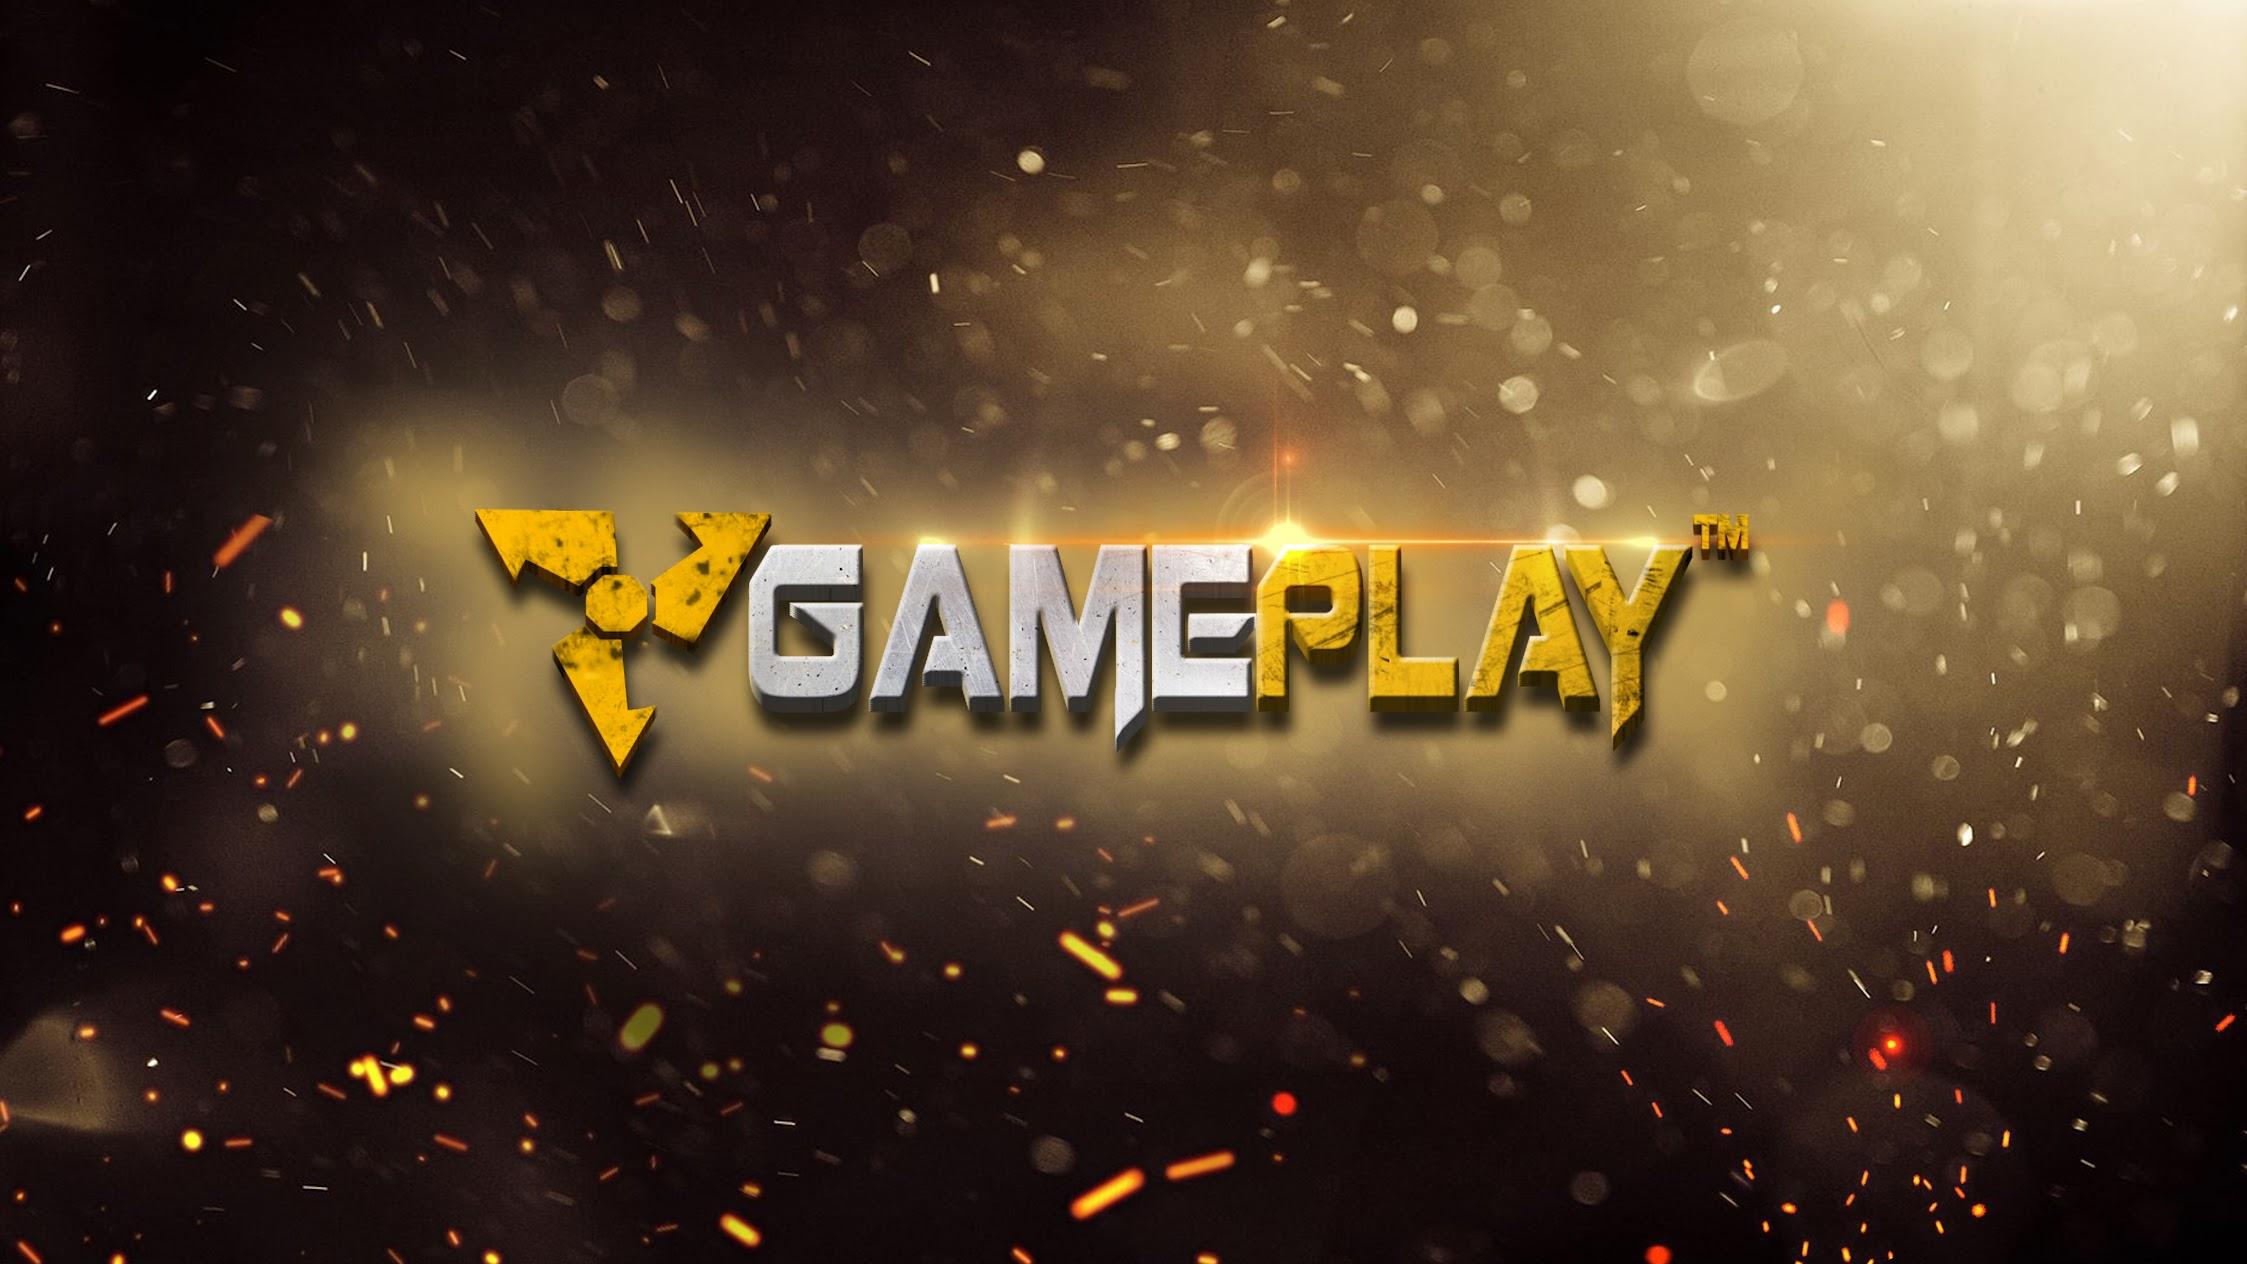 Gameplay ™